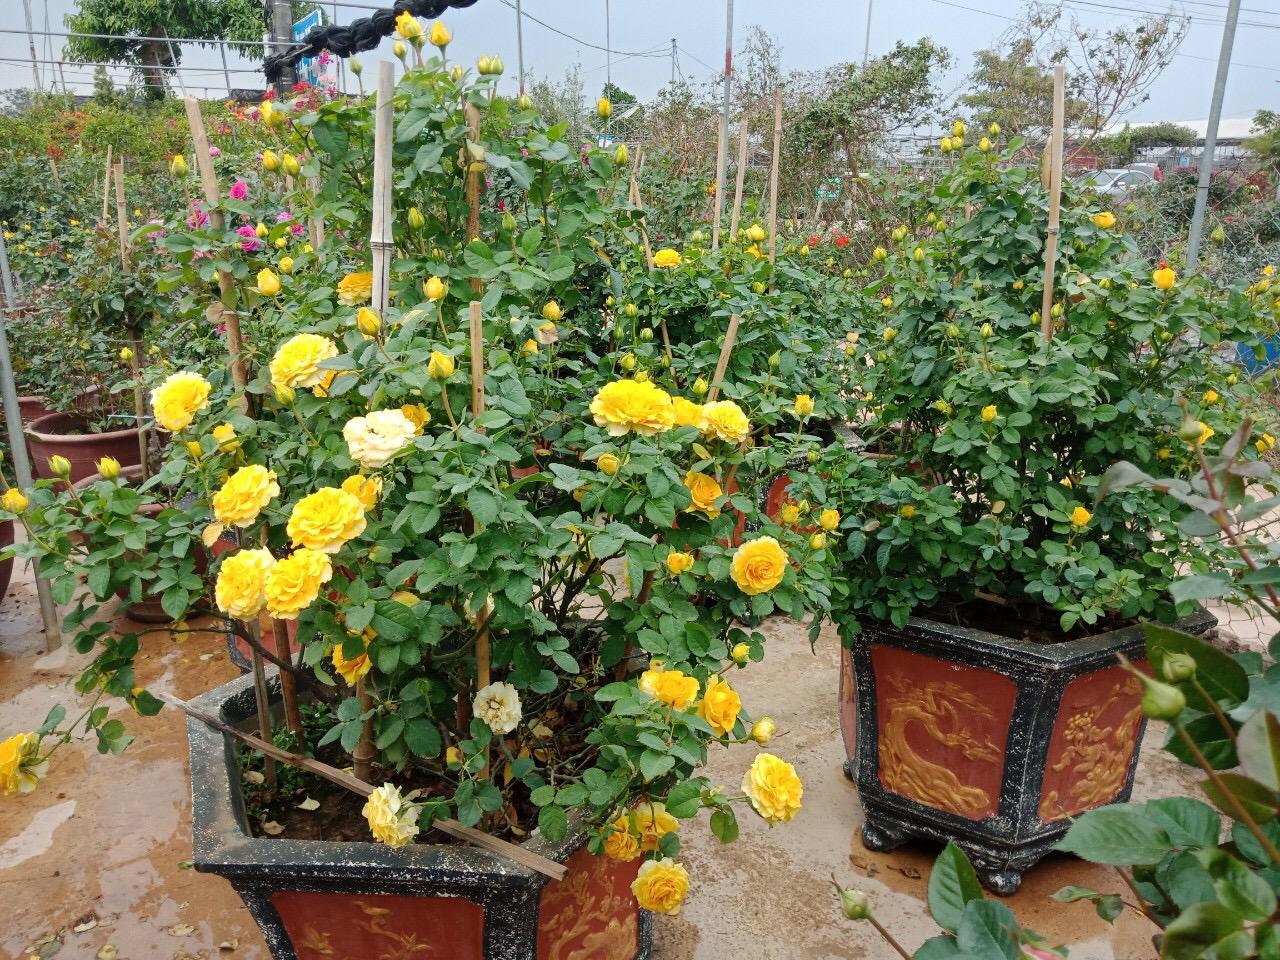 Hưng Yên: Làng nghề hoa cây cảnh Phụng Công, nhộn nhịp trước những ngày cận Tết - Ảnh 2